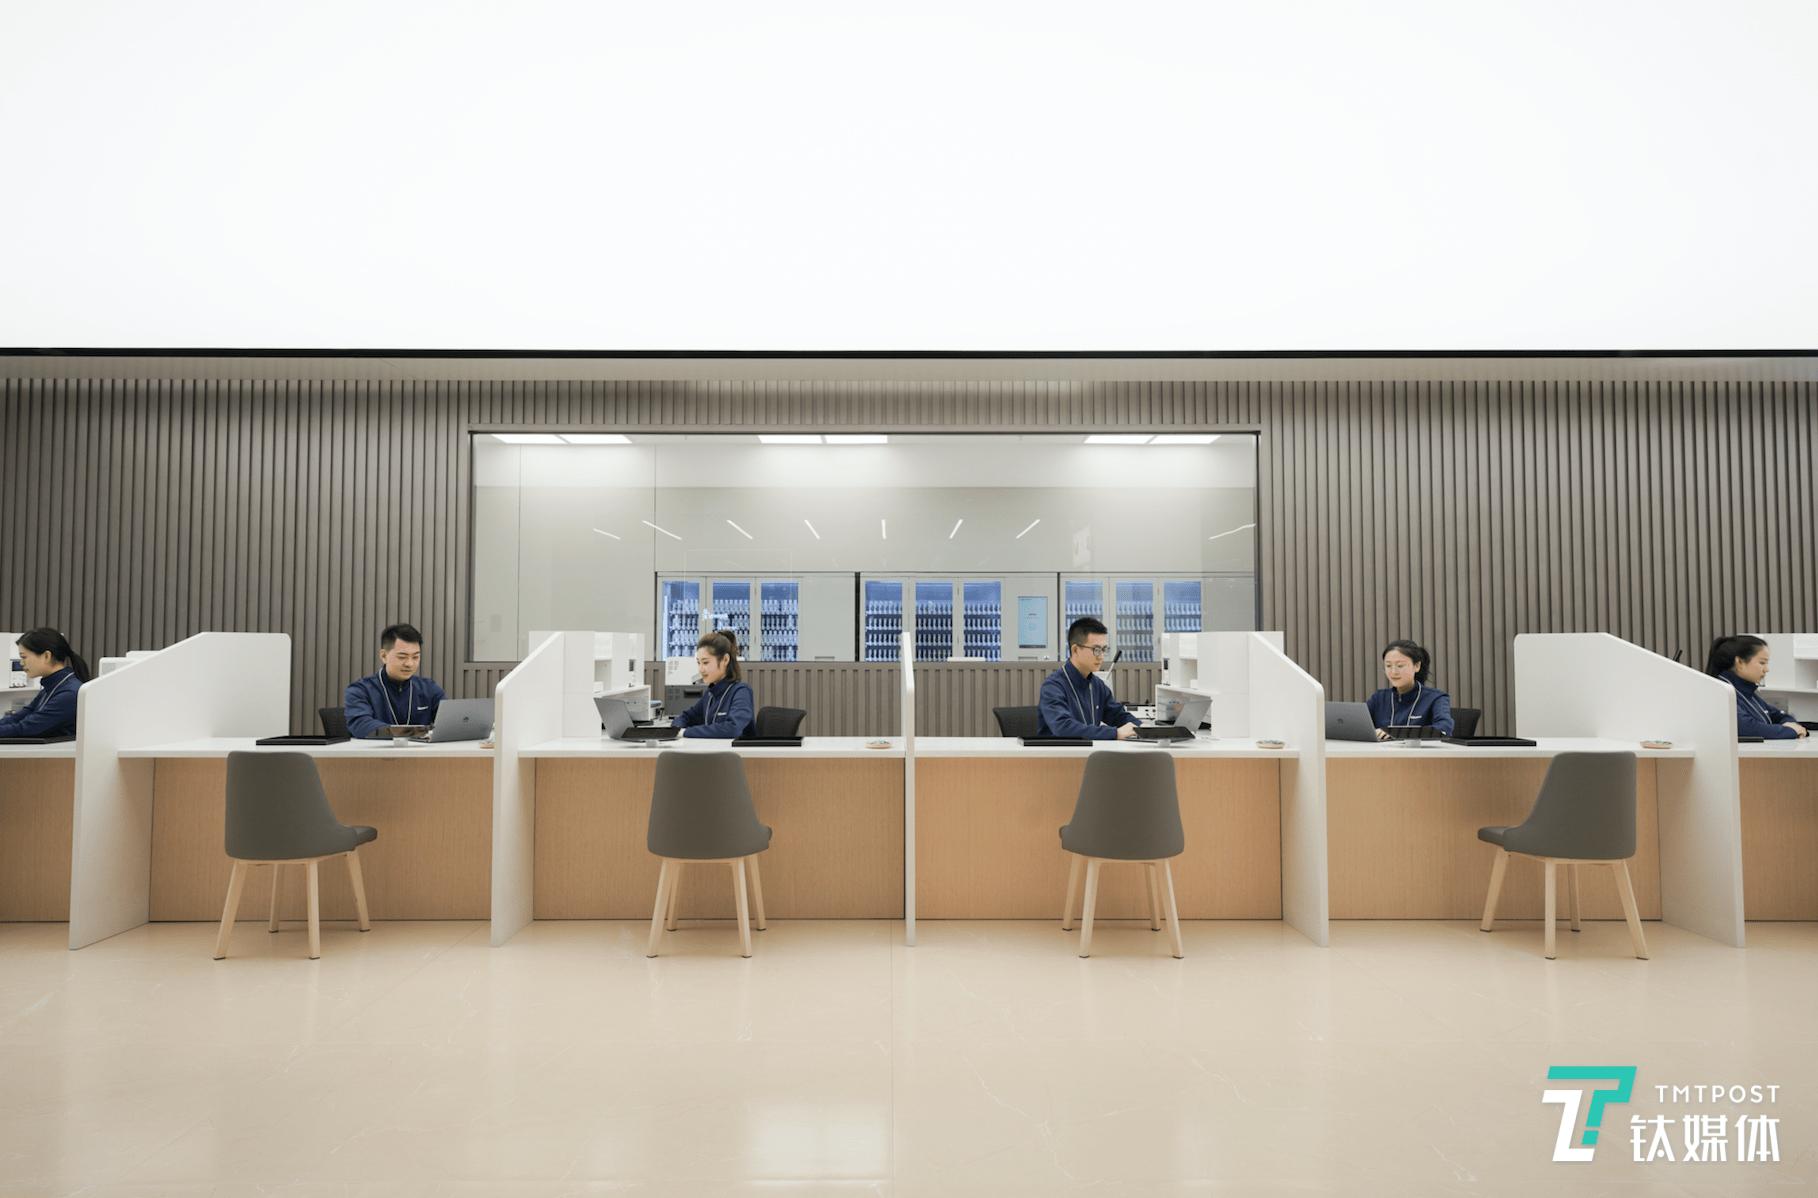 探秘华为新模式客户服务中心:不止有智能机器人,还有高标准服务